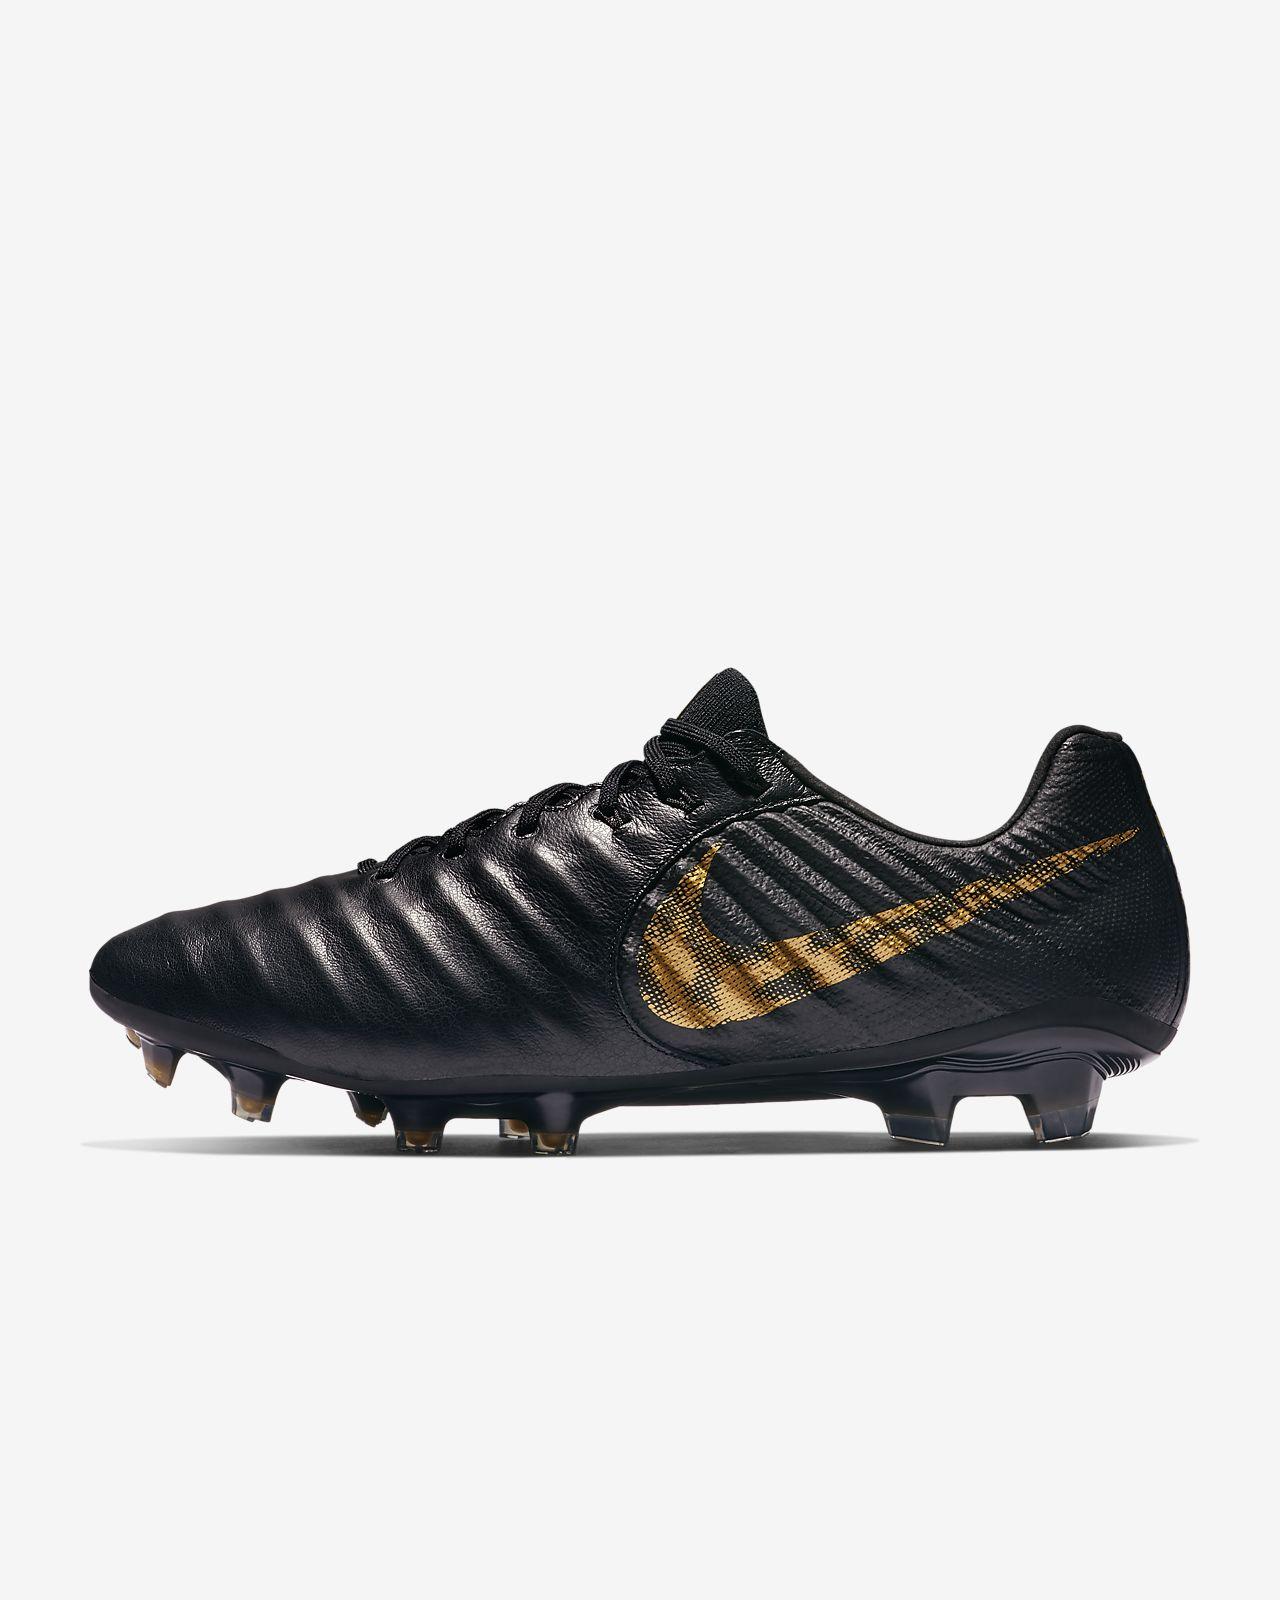 Chaussure de football à crampons pour terrain sec Nike Tiempo Legend 7 Elite FG